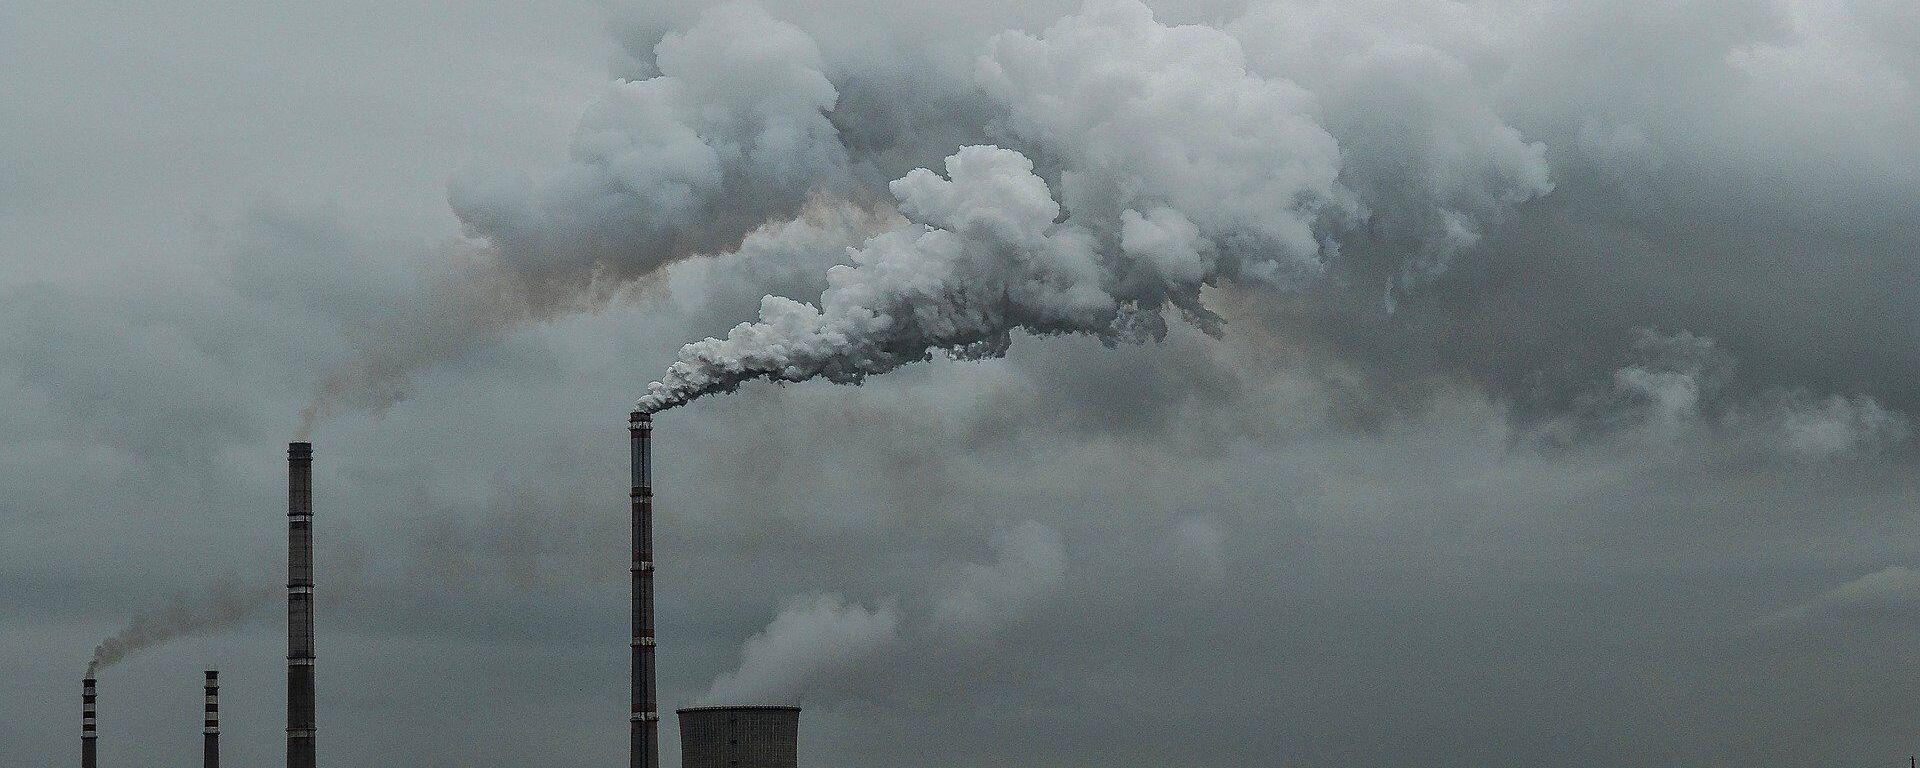 Las emisiones del dióxido de carbono  - Sputnik Mundo, 1920, 06.04.2021